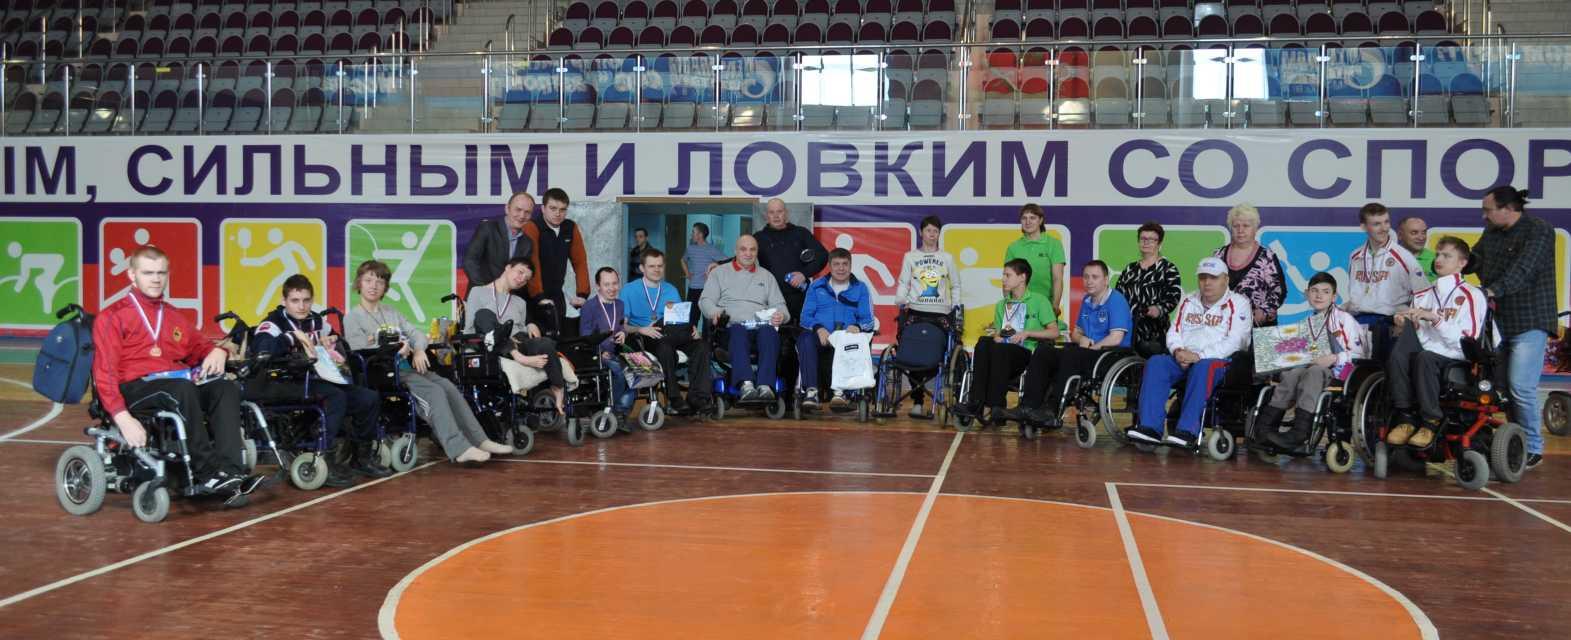 Спортсмены из Михайлова заняли призовые места на первенстве Рязанской области по бочче